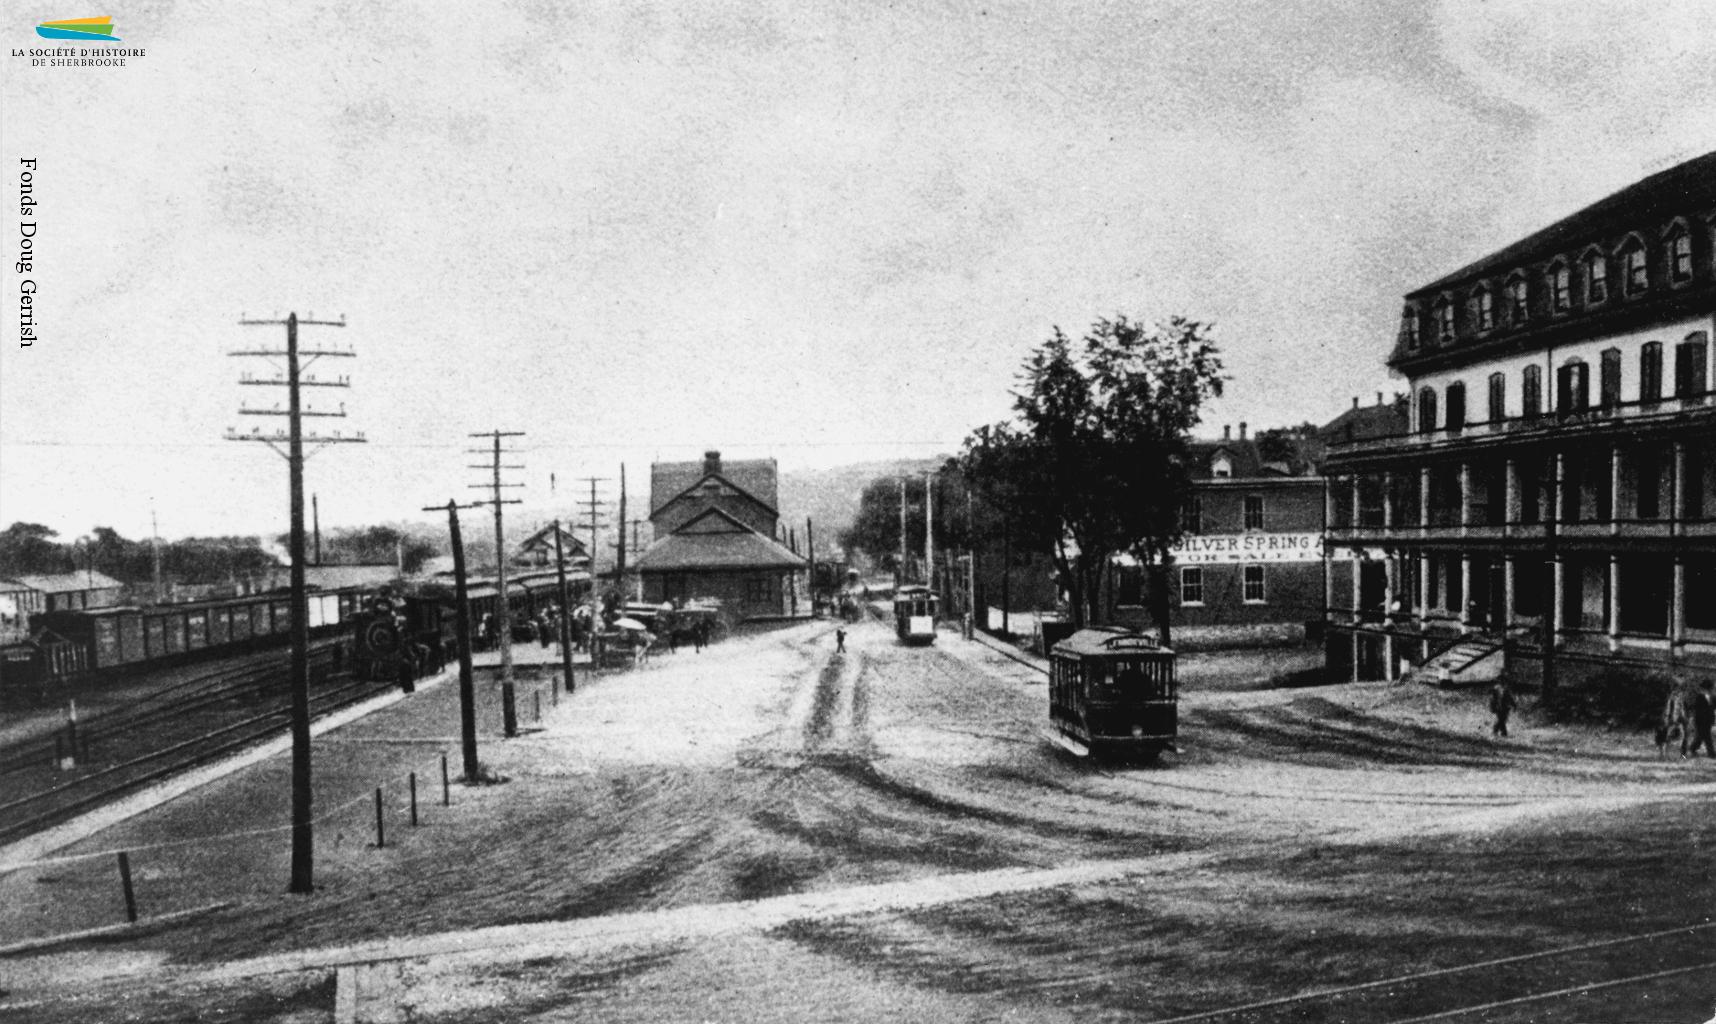 La rue <em>Depot</em> (du Dépôt) en 1897 ou 1898. La gare Union se trouve sur le site de la première gare de Sherbrooke, construite pour accueillir le premier train en 1852. La rue est aussi le centre du réseau de tramway de la ville, les visiteurs arrivant systématiquement en train.